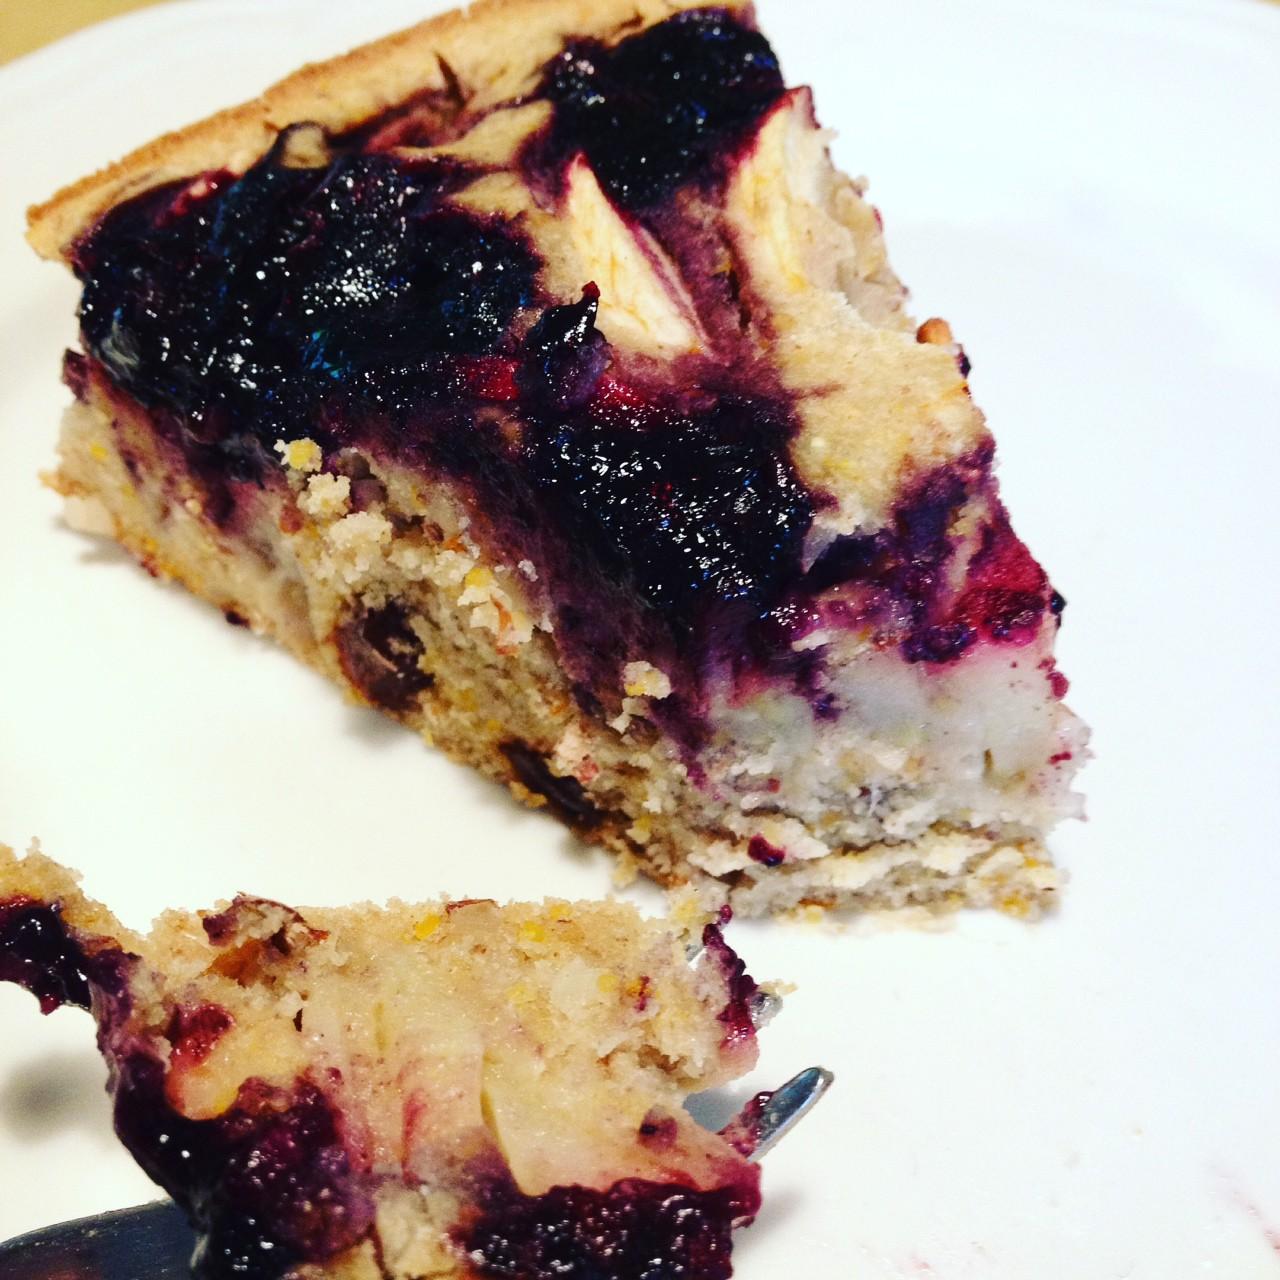 Torta di Grano Saraceno gluten free